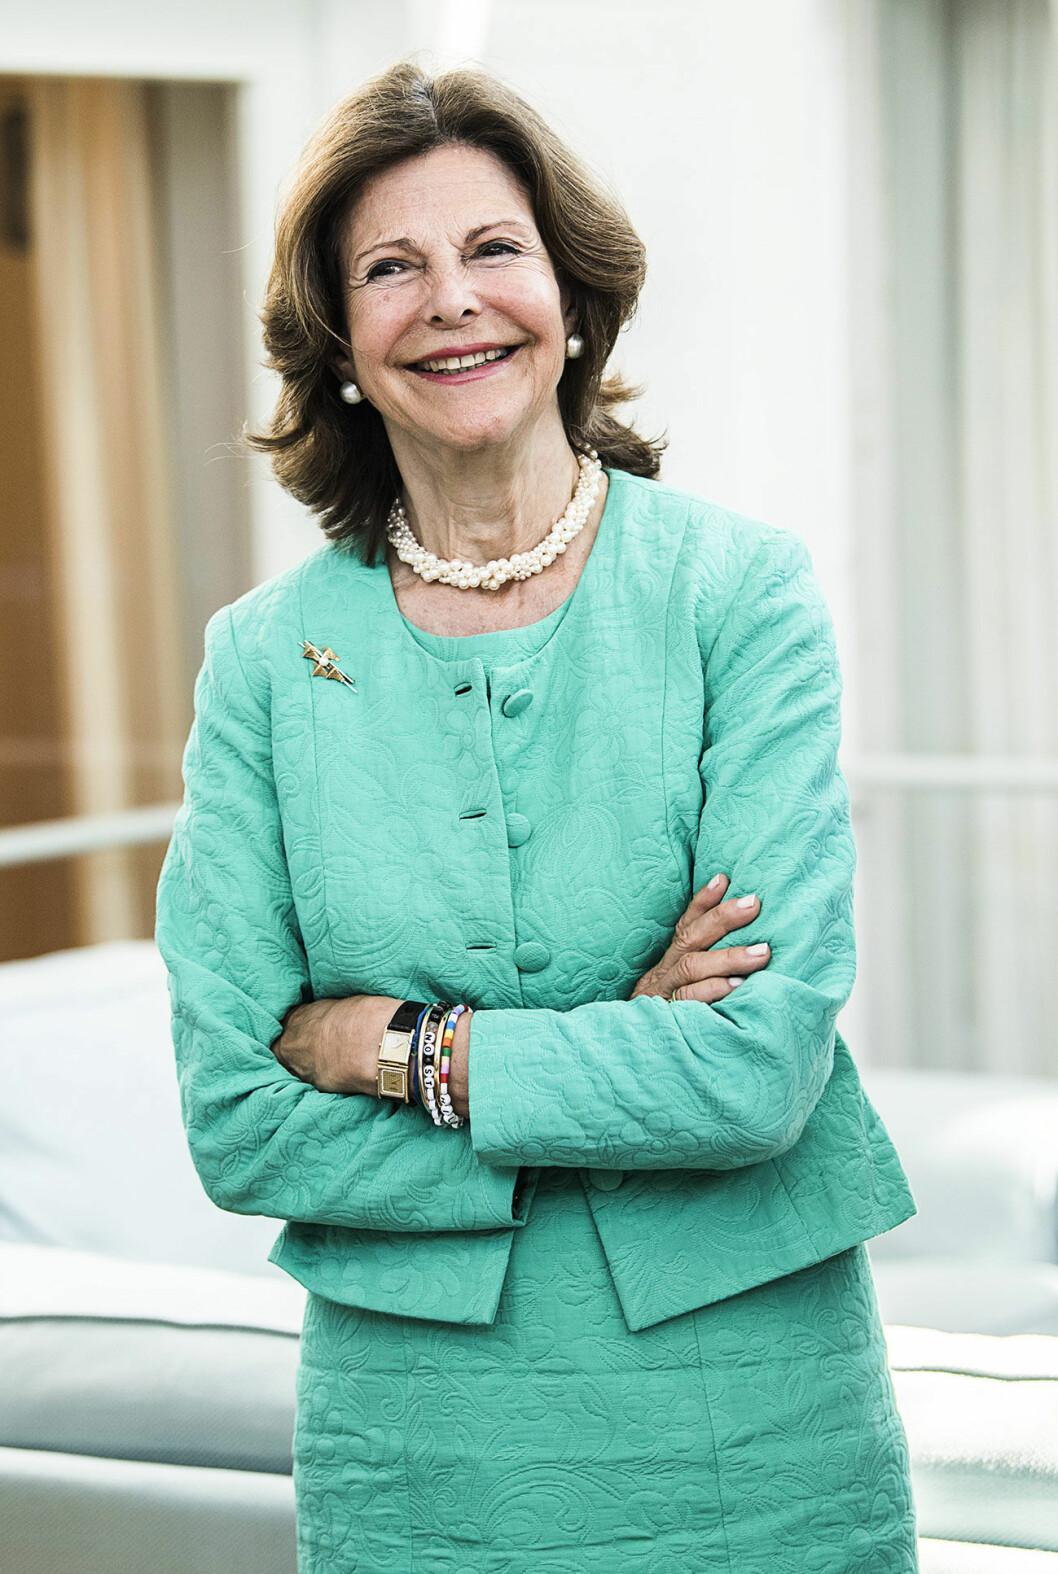 Drottning Silvia i mintgrön dräkt med klocka med dubbla urtavlor.